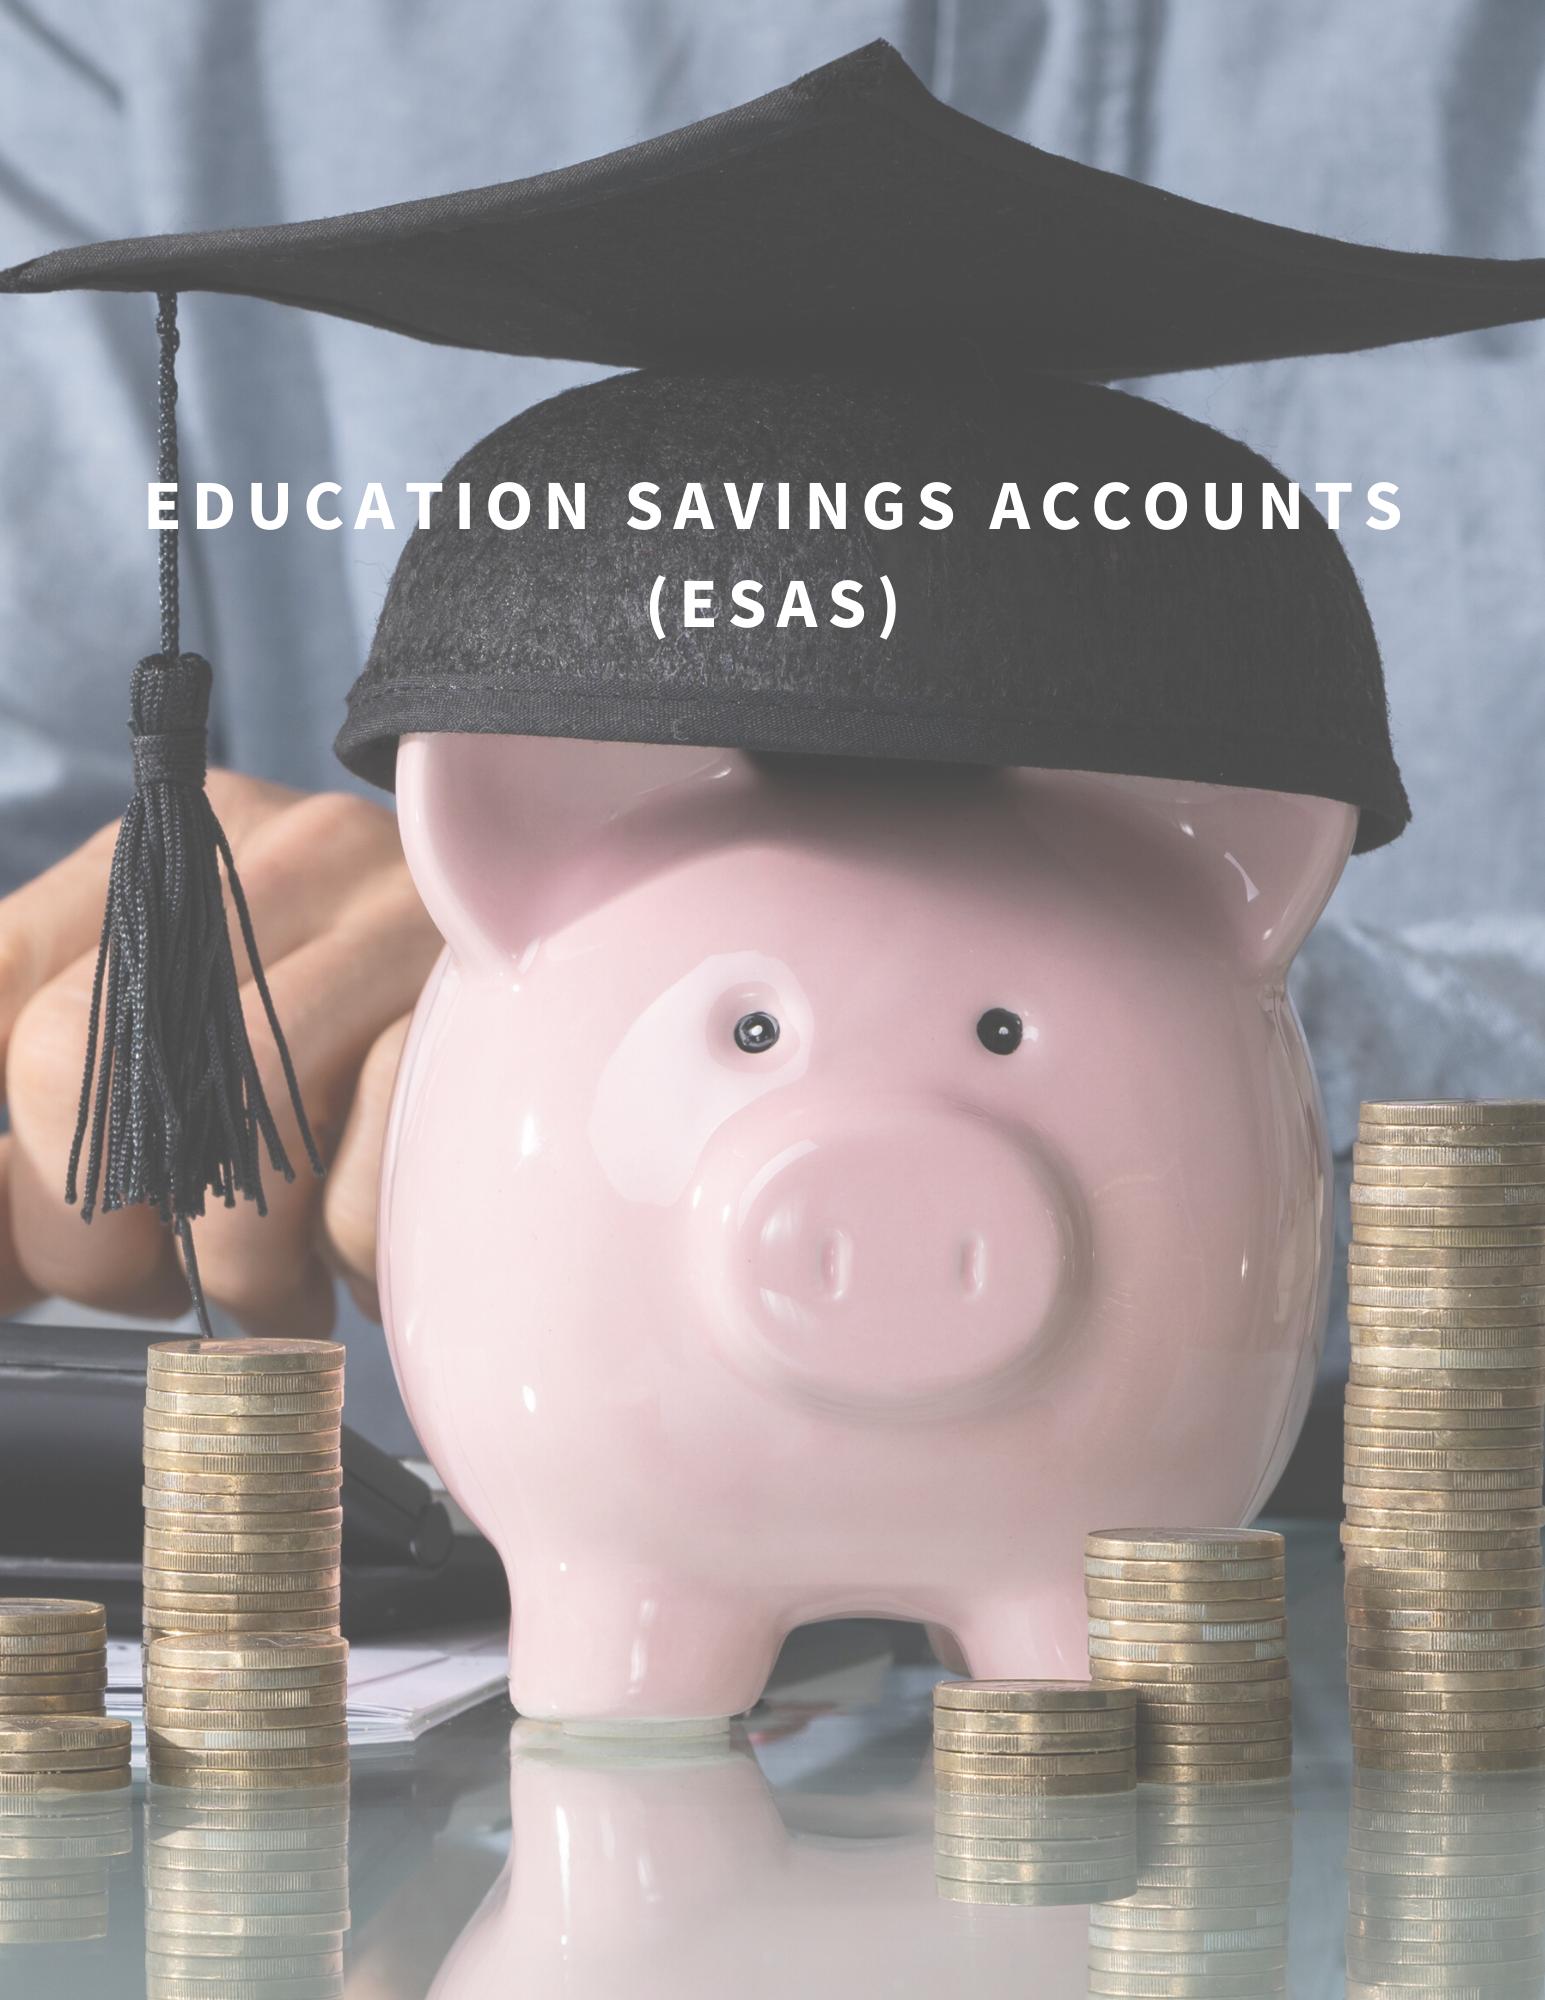 Education Savings Accounts (ESAs)